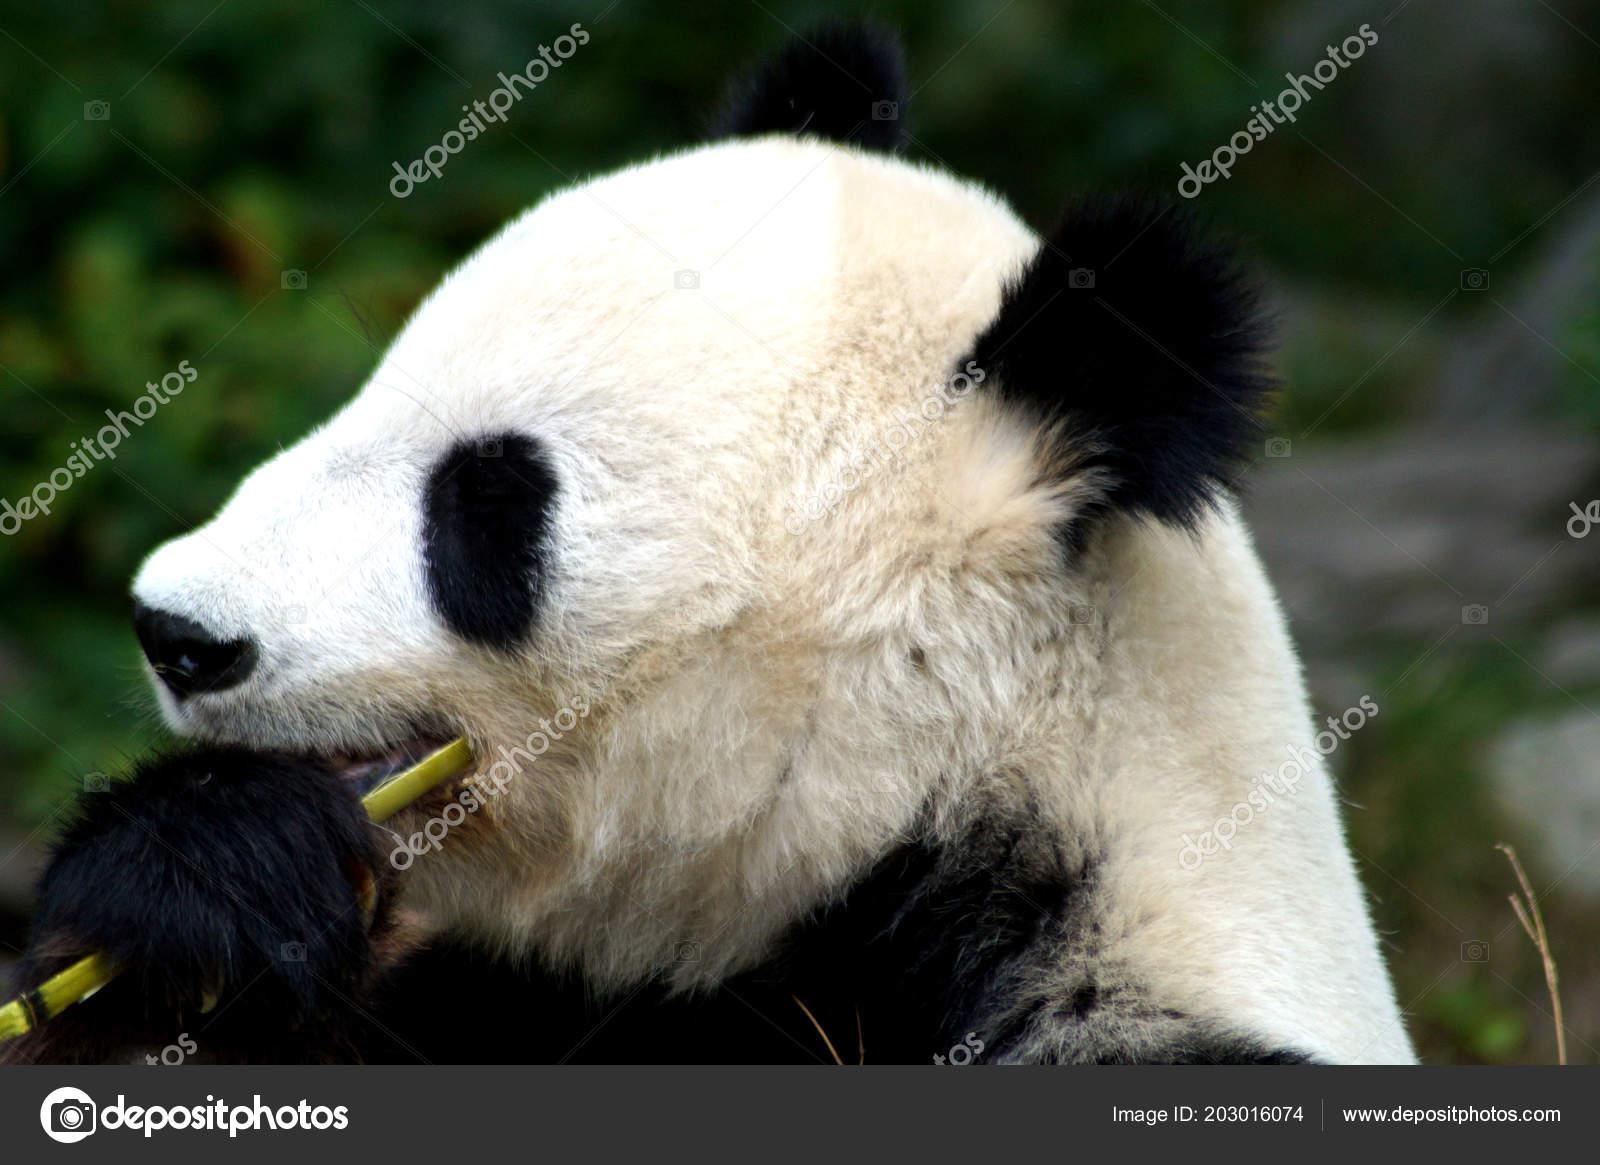 Groer Pandabr Beim Bambus Essen Stock Photo C Spiderwoman81 203016074